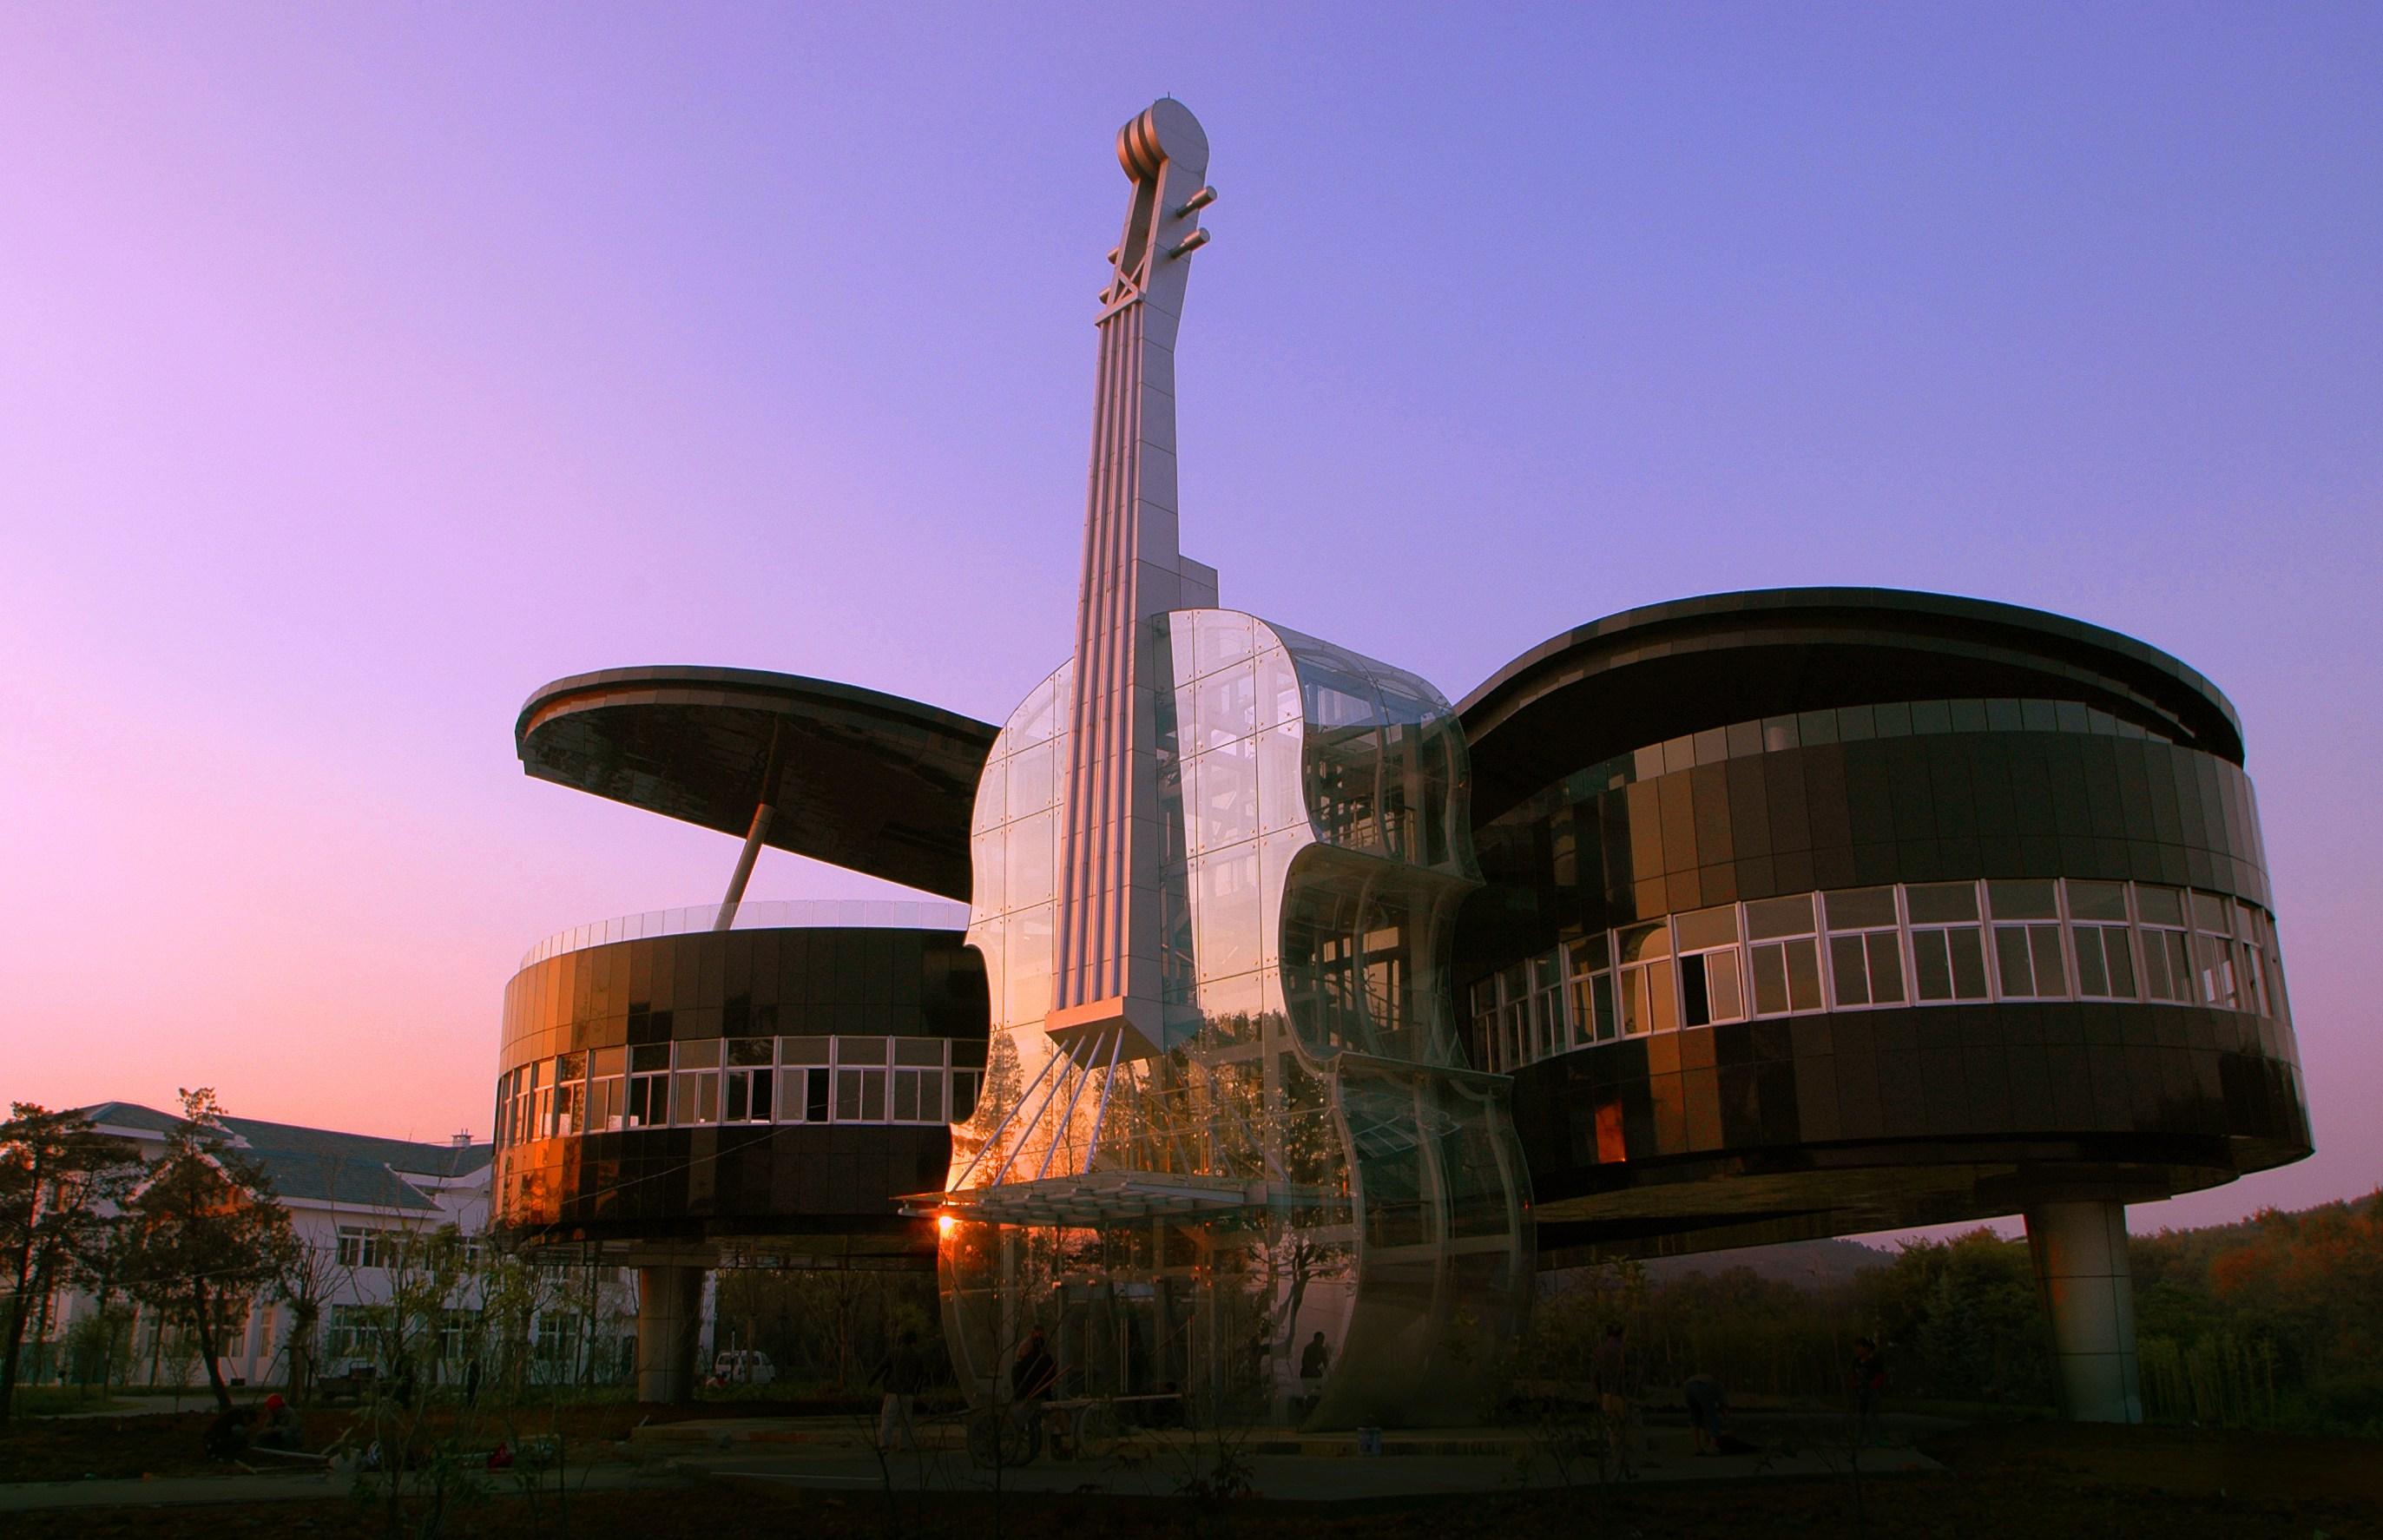 #4 Piano House, China